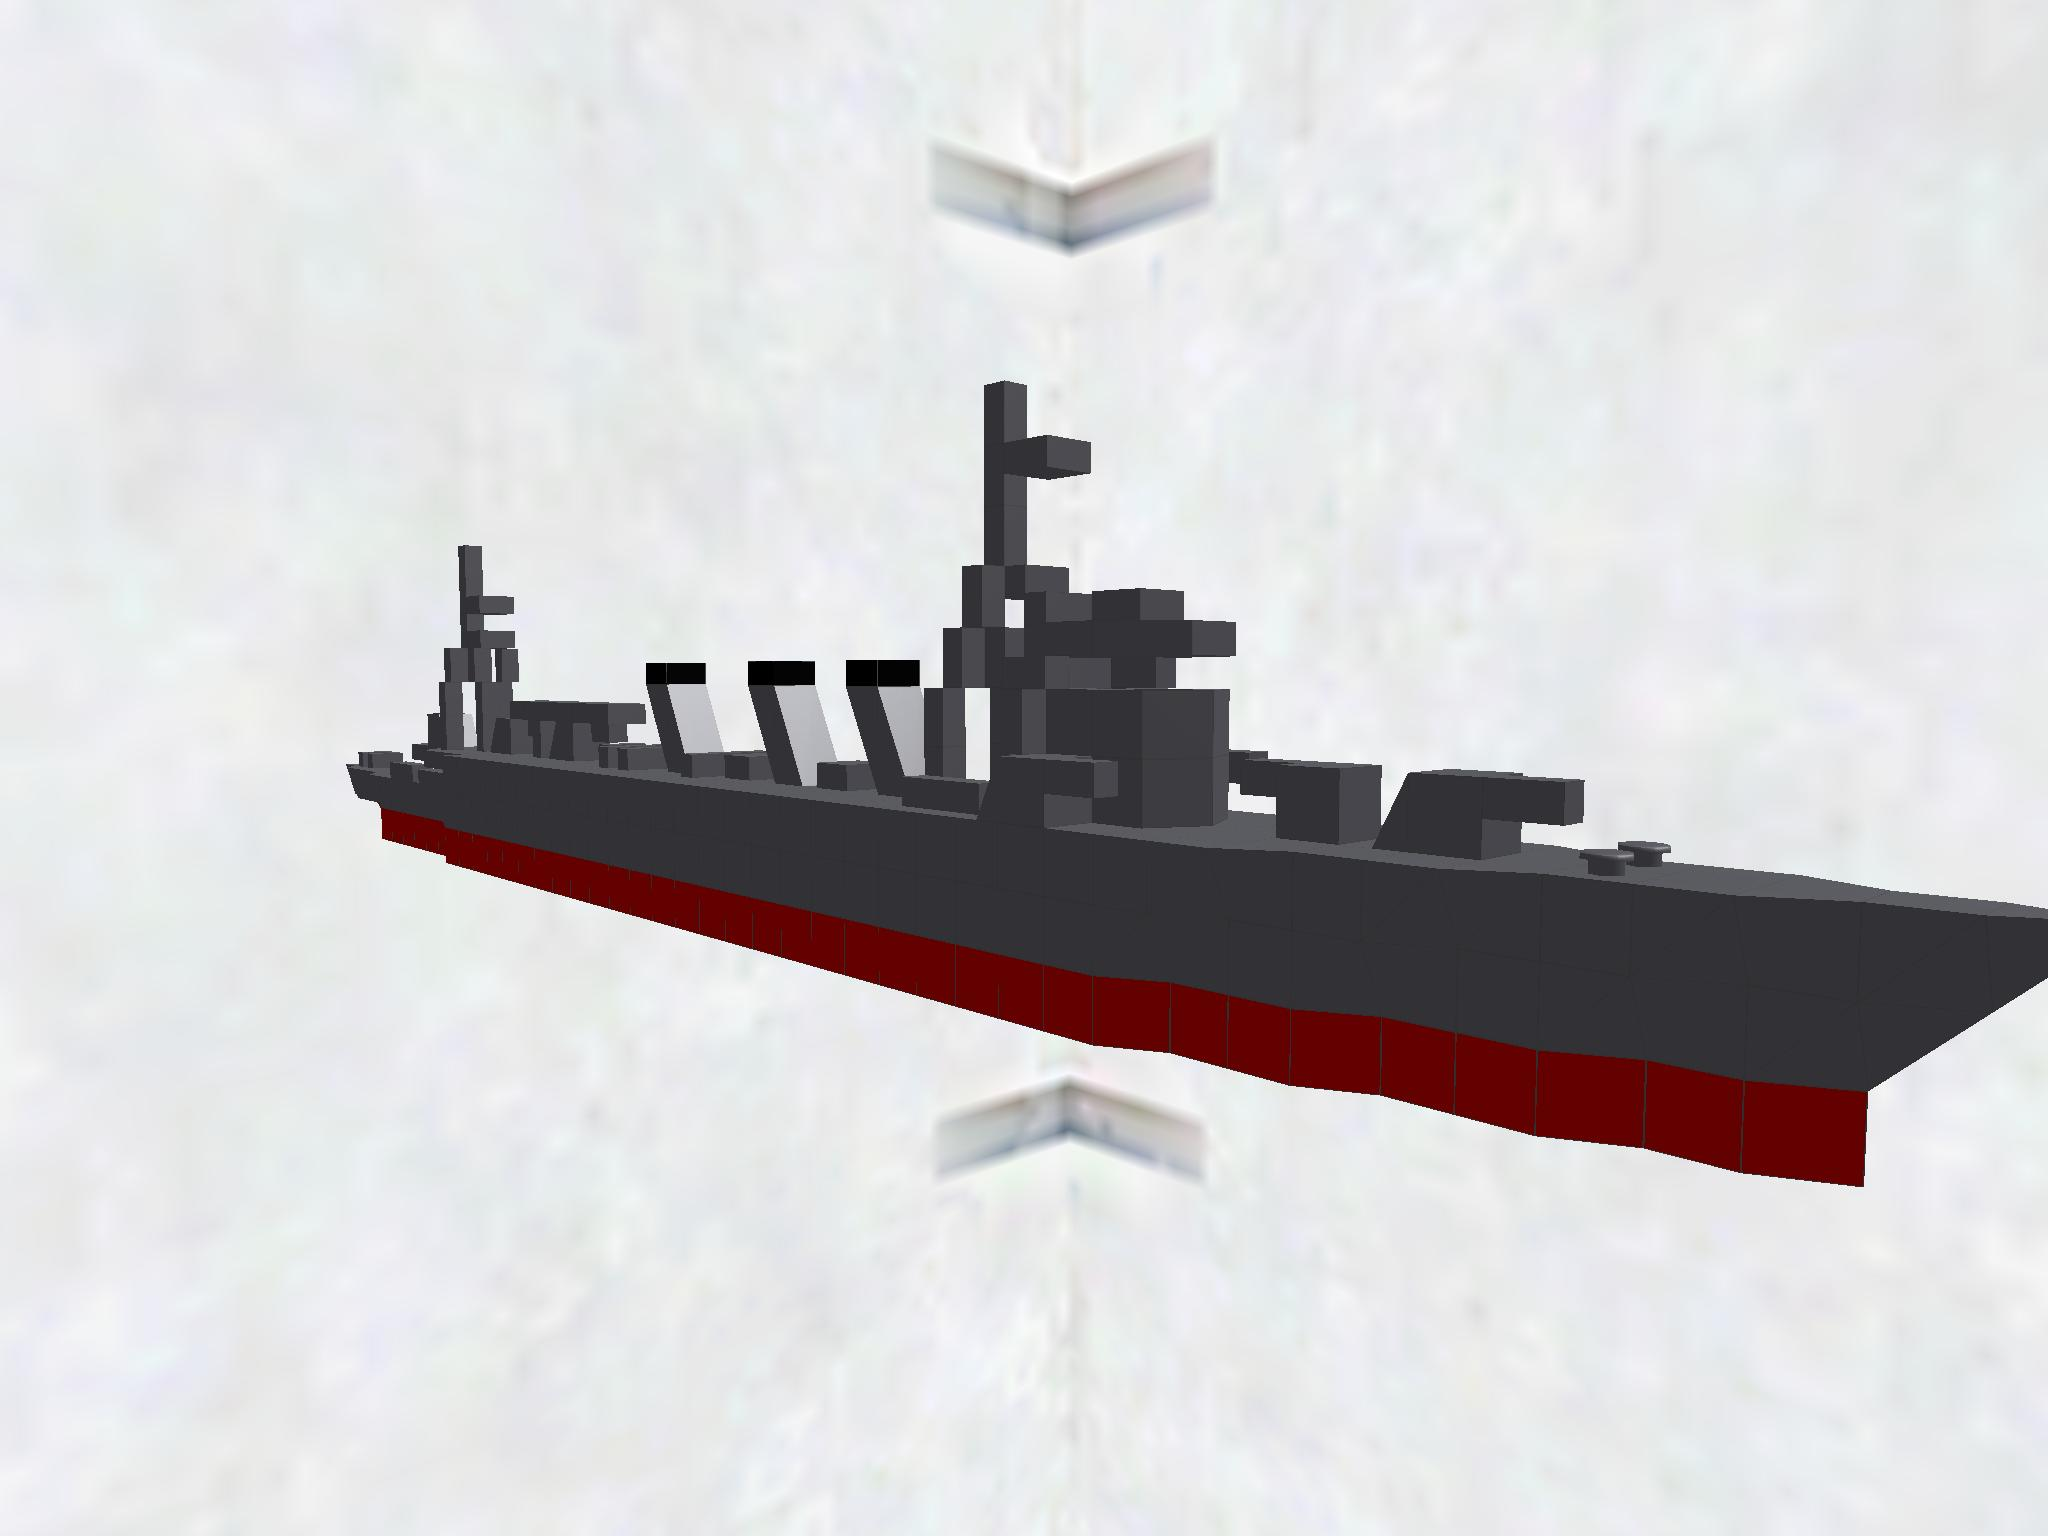 Kuma-class light cruiser